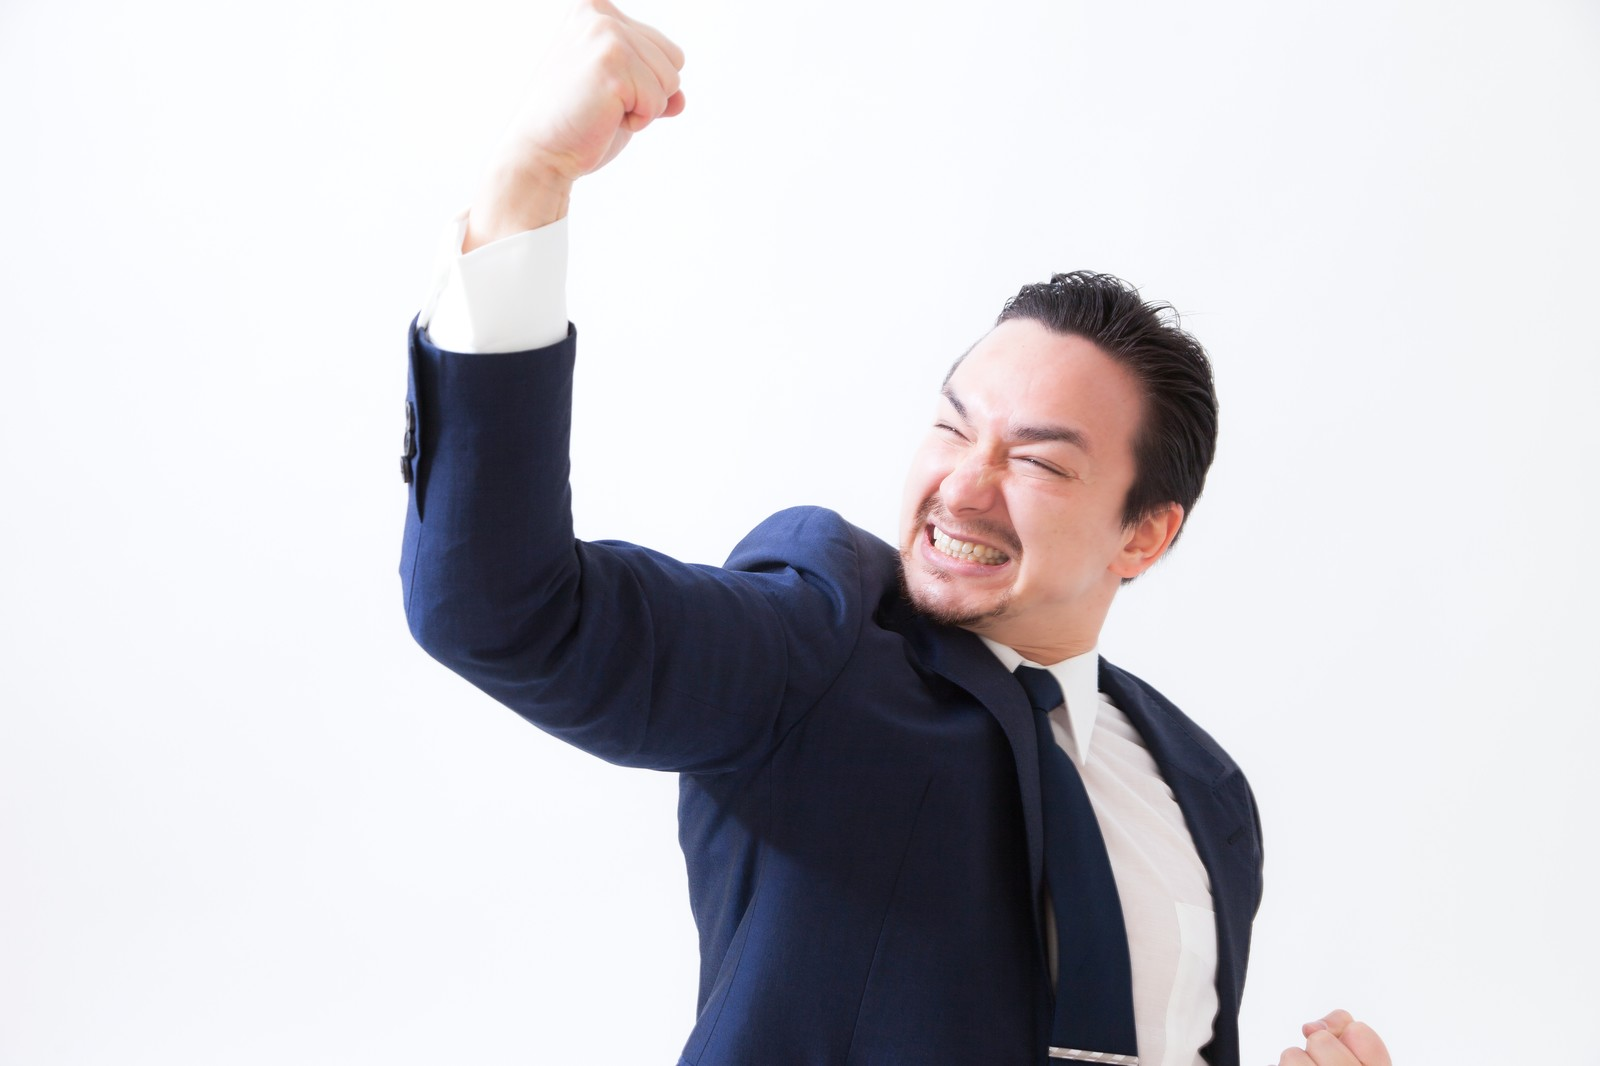 今すぐできる準備 | 日本訪問マッサージ協会 コンテンツ